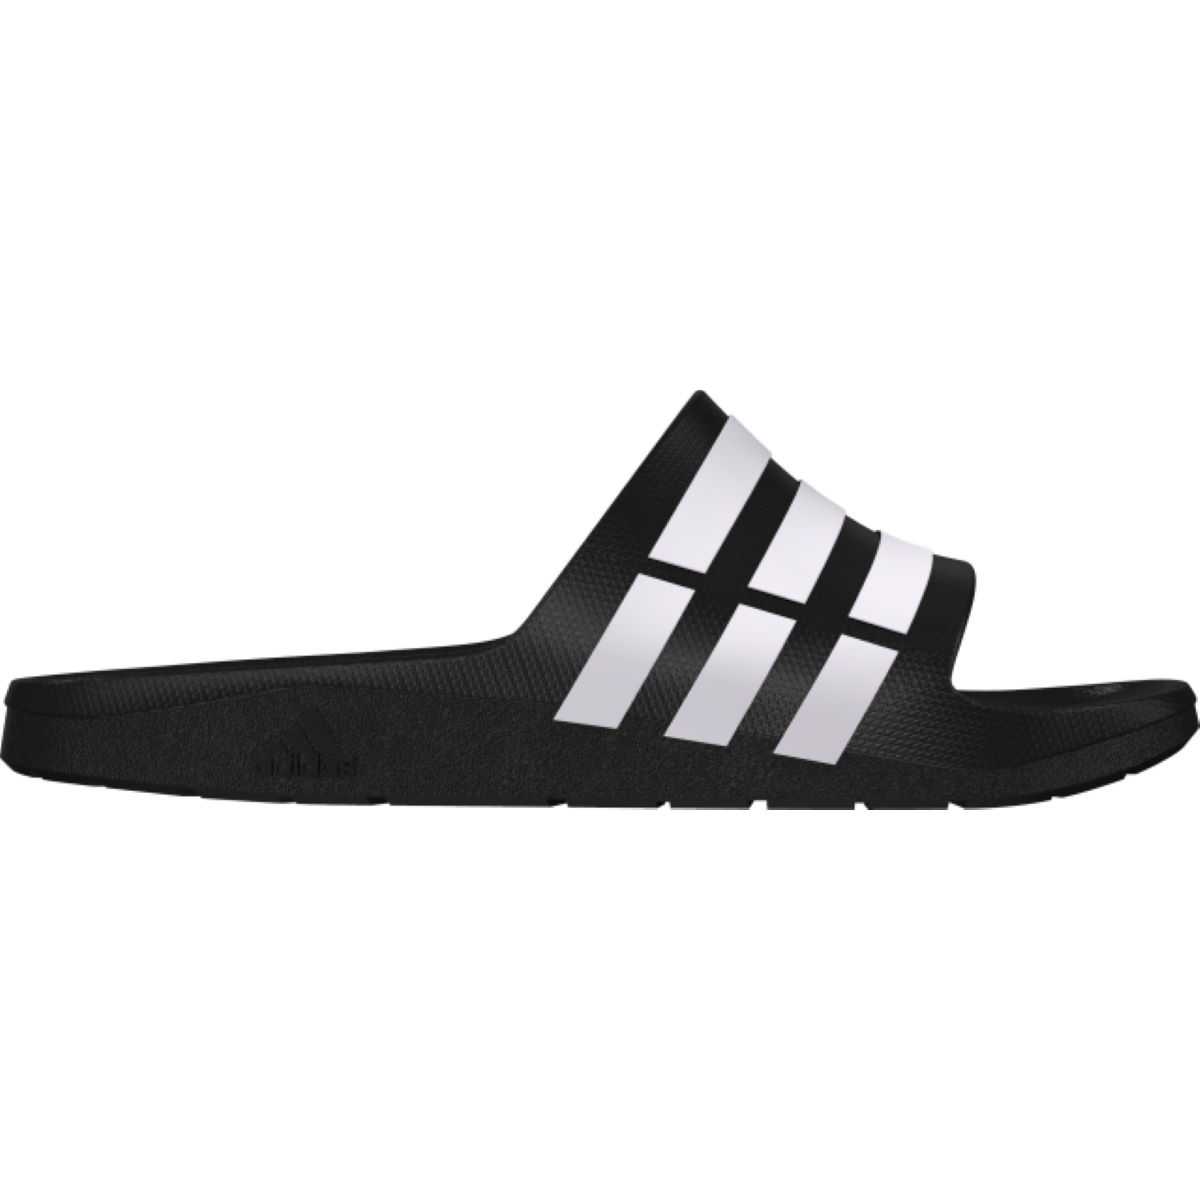 Chancletas Adidas - Duramo Slide - PV14 - Chancletas